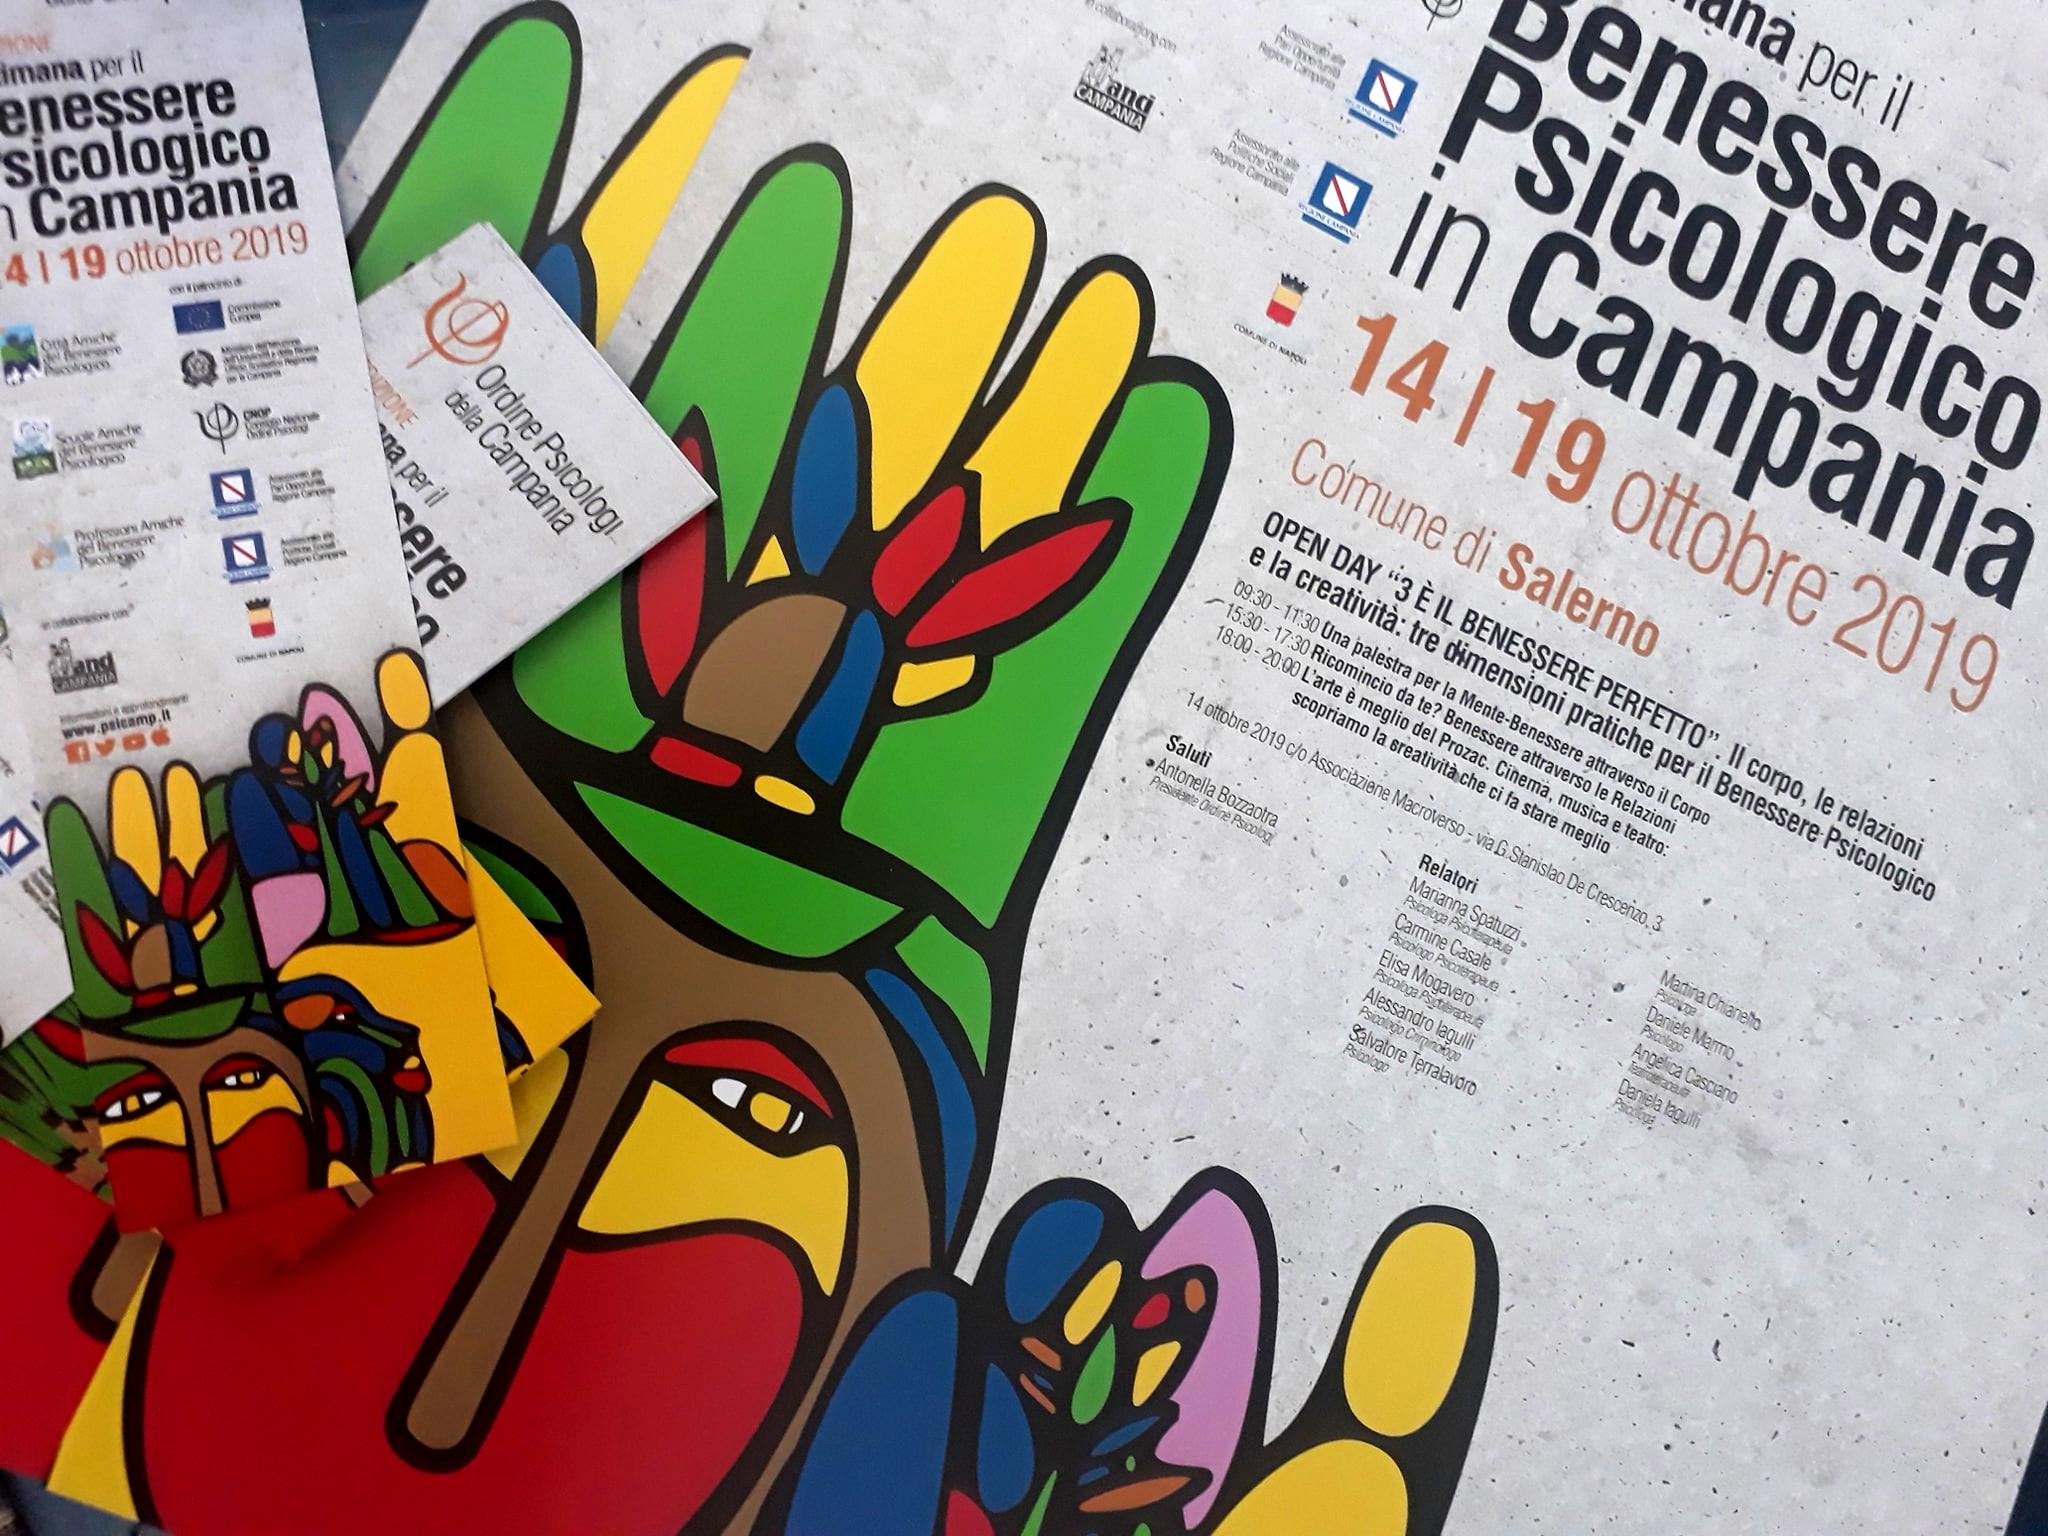 Settimana del benessere psicologico 2019 Salerno